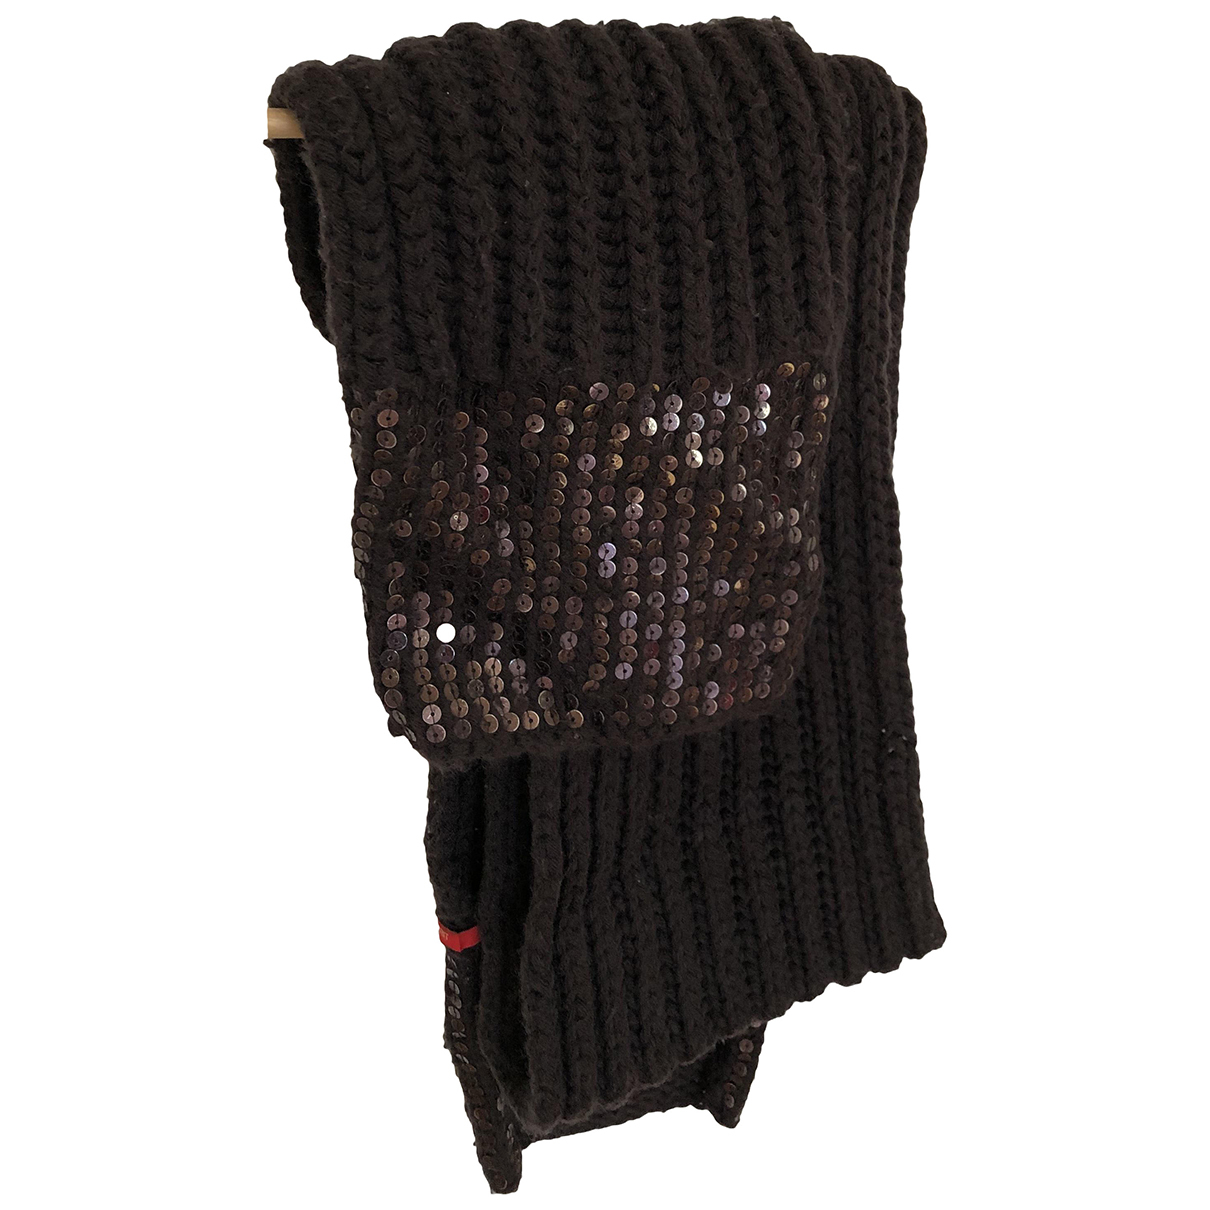 Esprit - Foulard   pour femme en a paillettes - marron